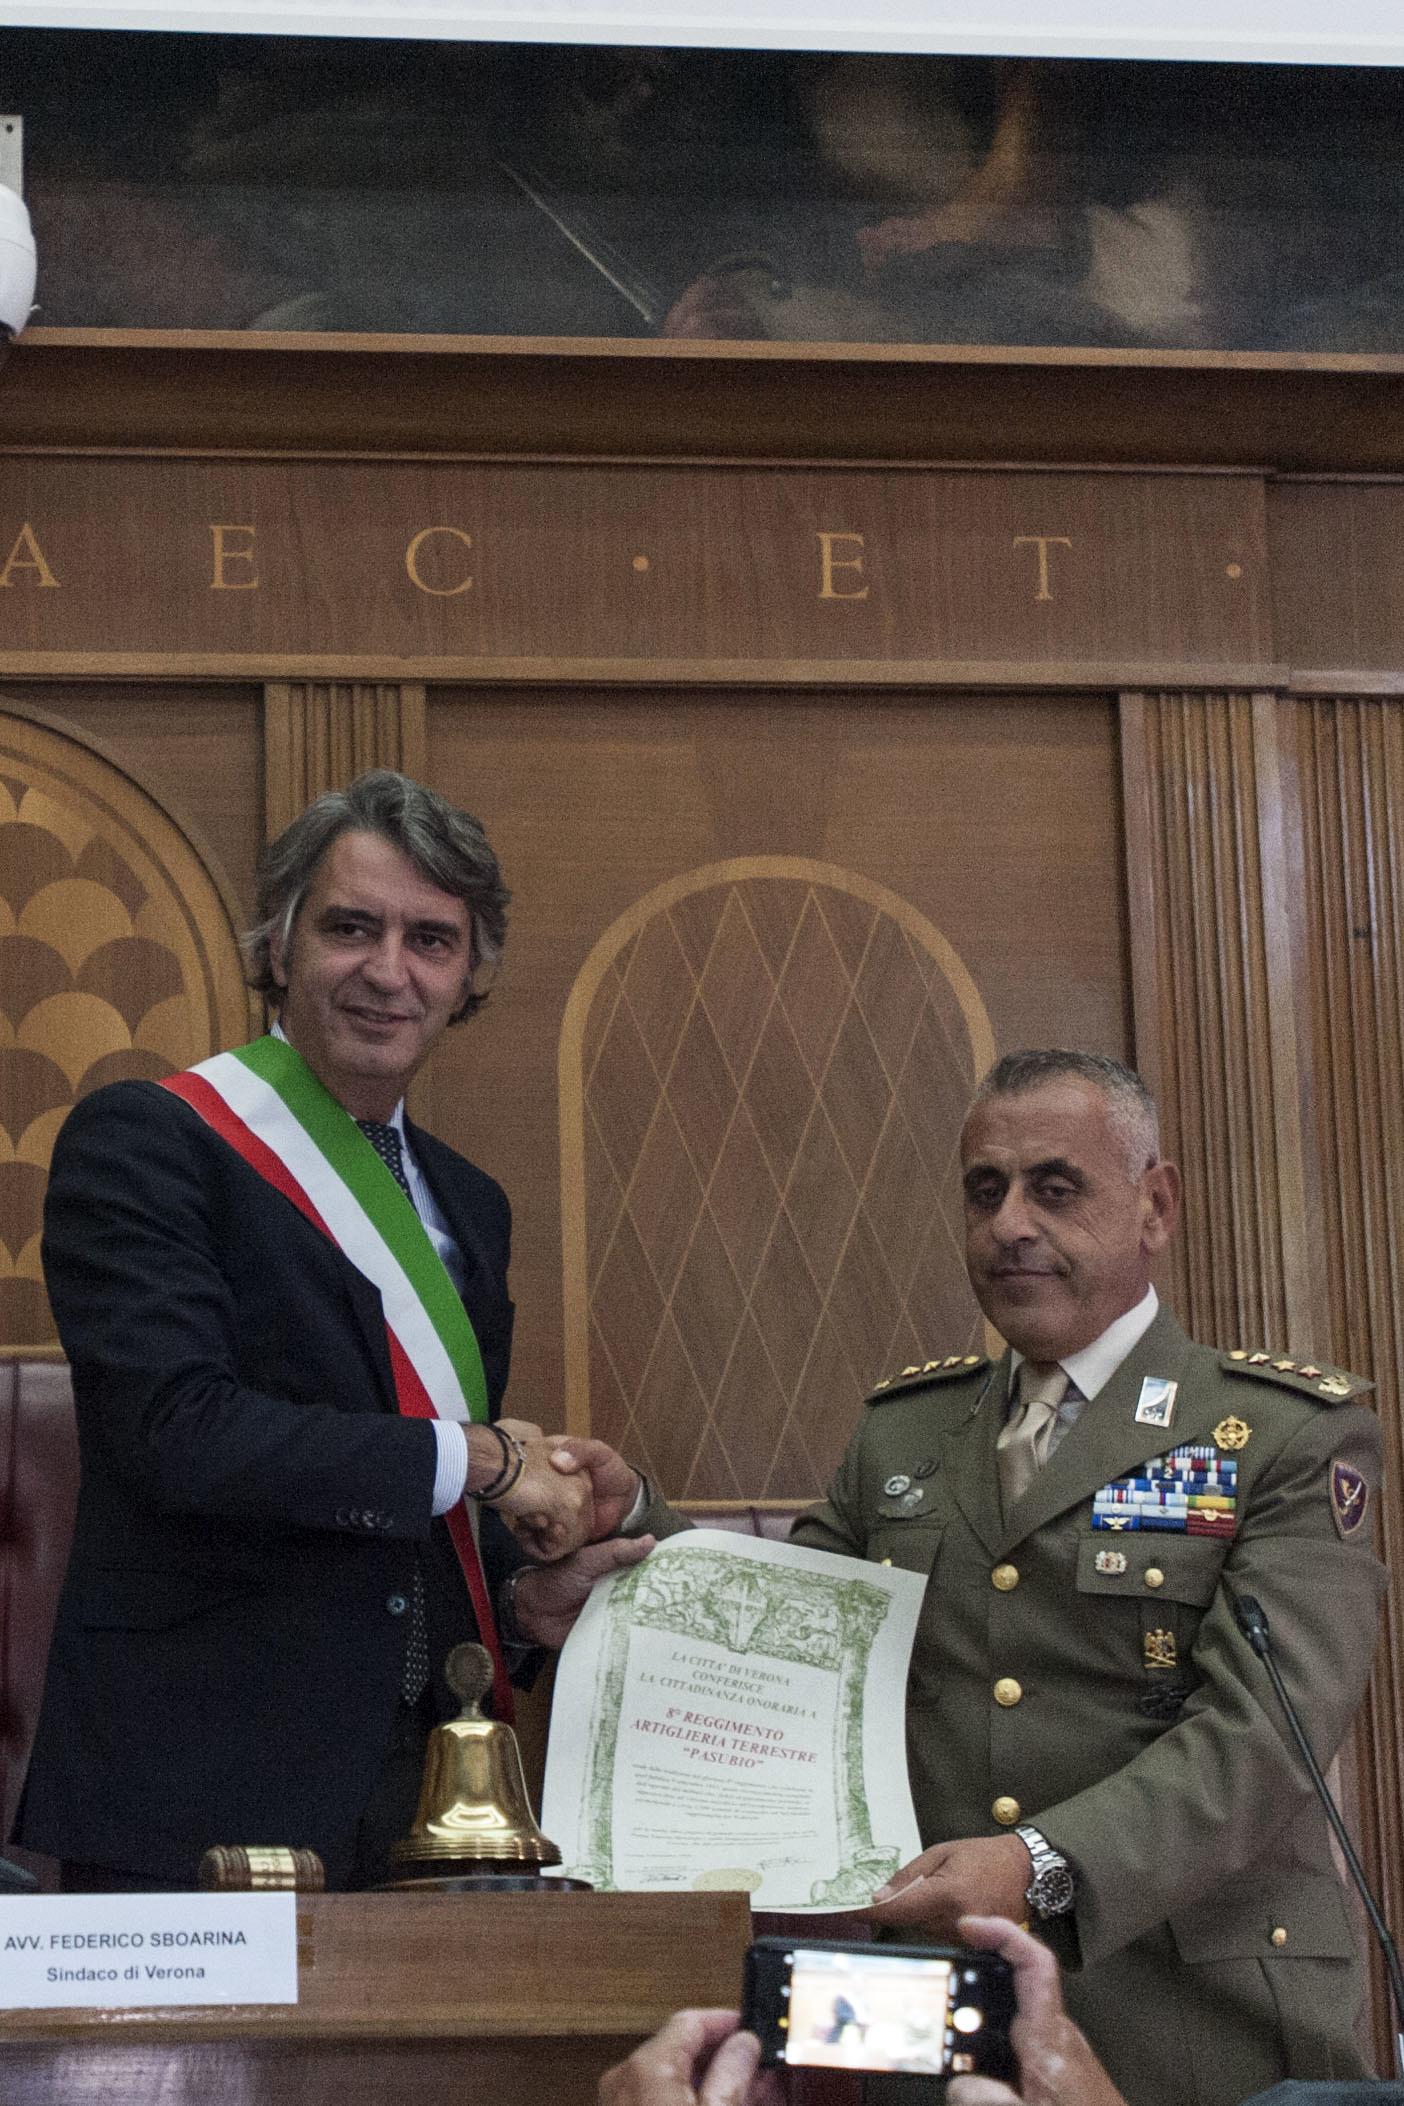 sboarina_8_Reggimento_pasubio_pergamena_cittadinanza_onoraria-2